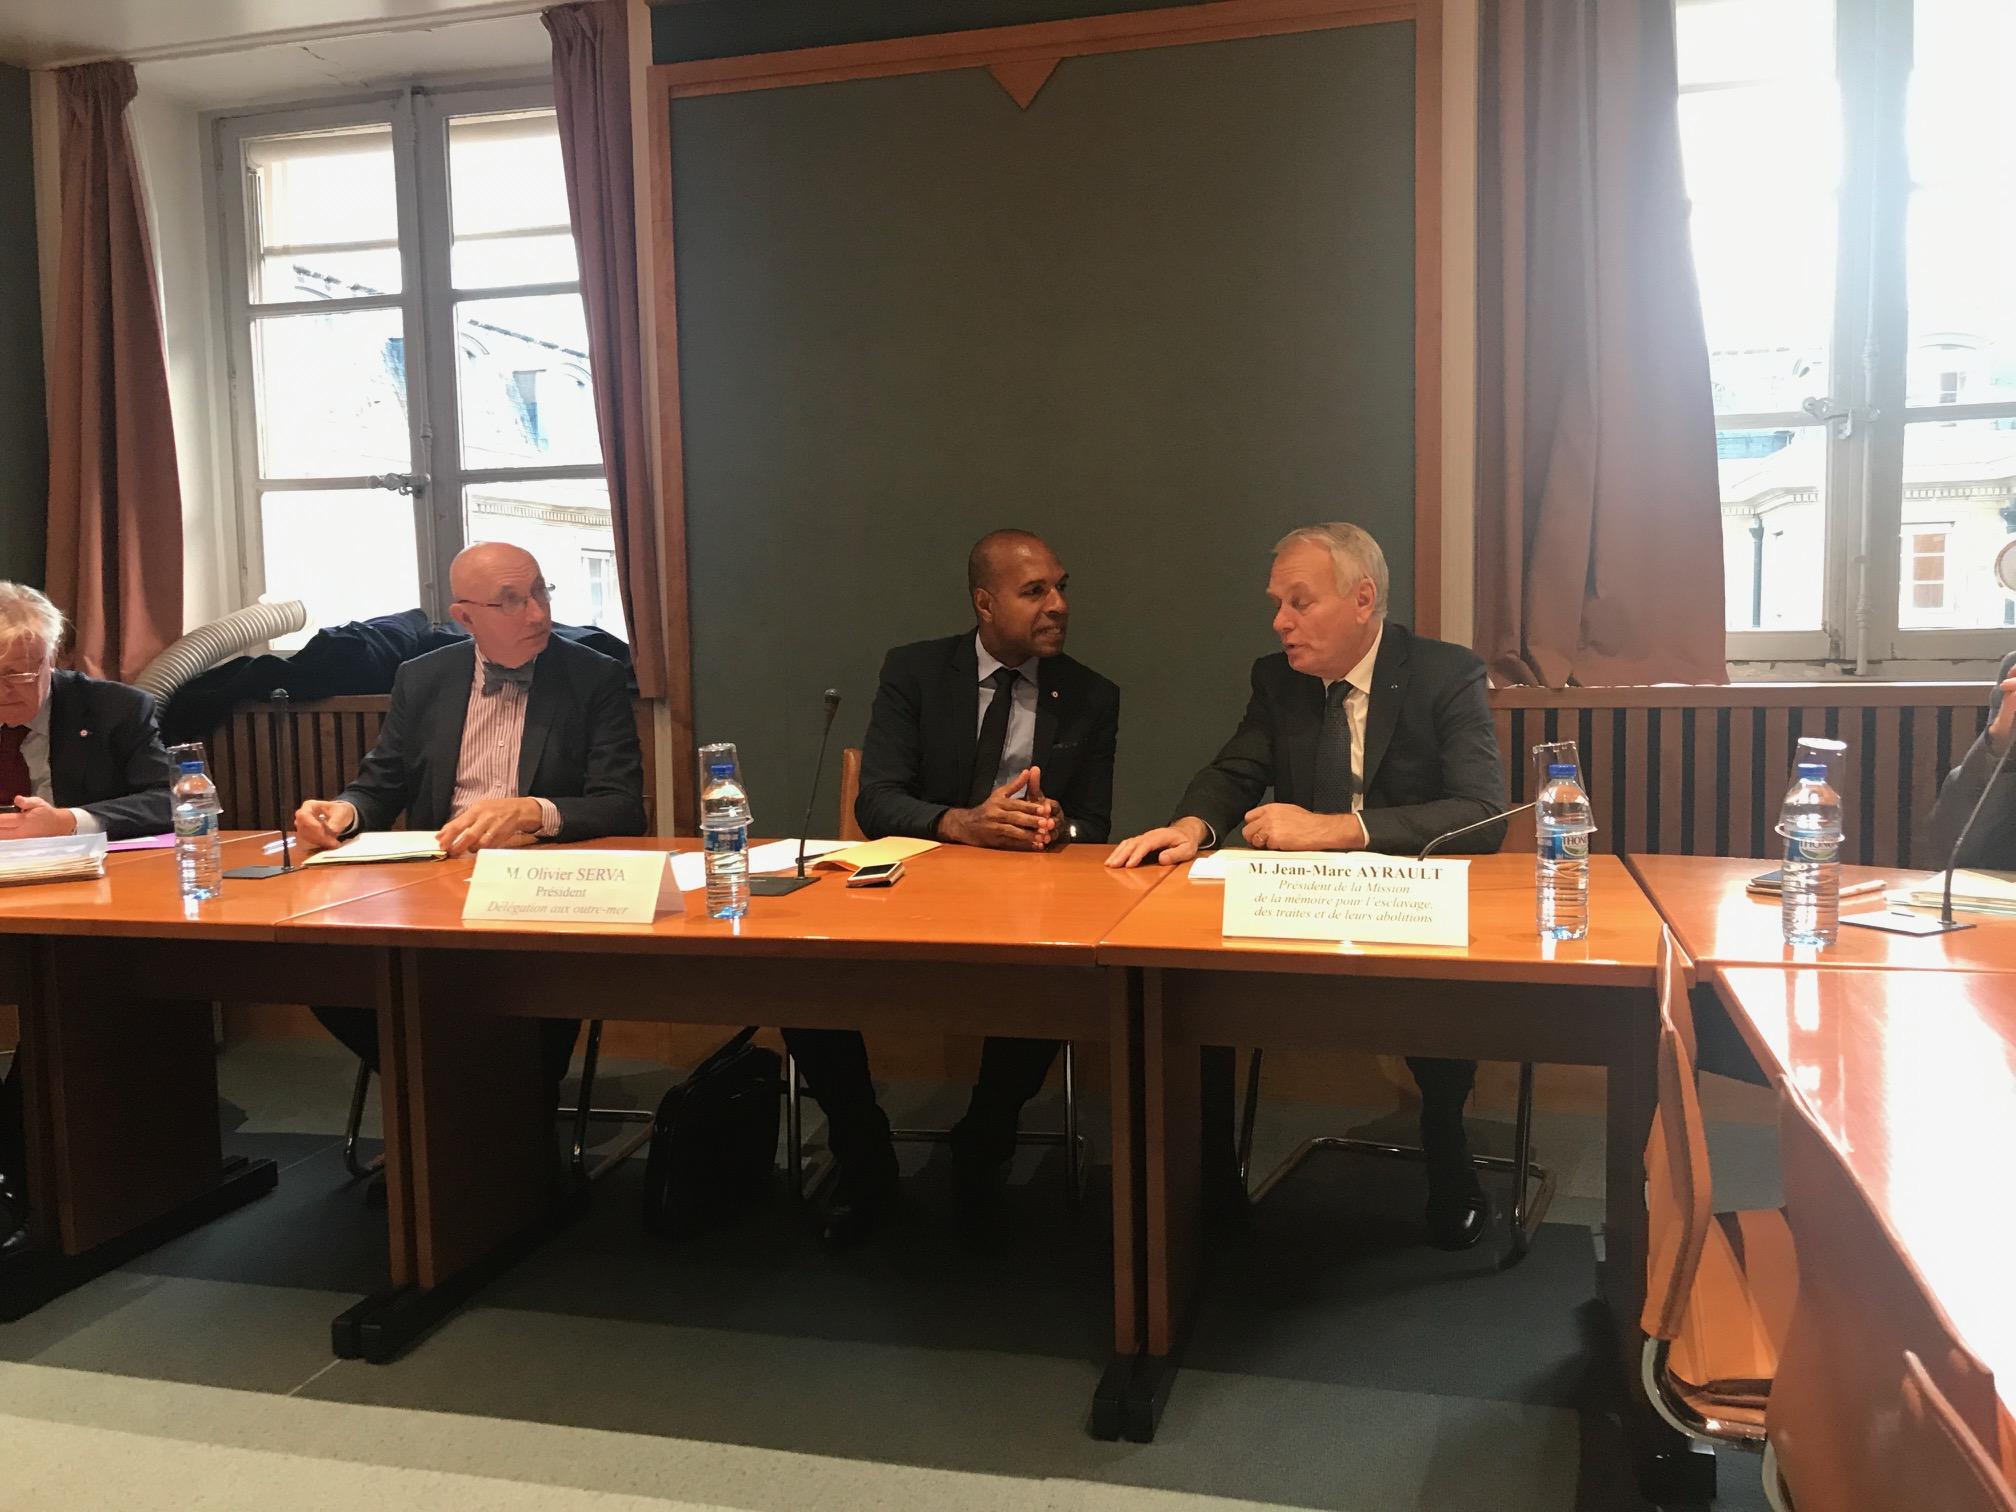 Fondation pour la mémoire de l'esclavage: les parlementaires en action